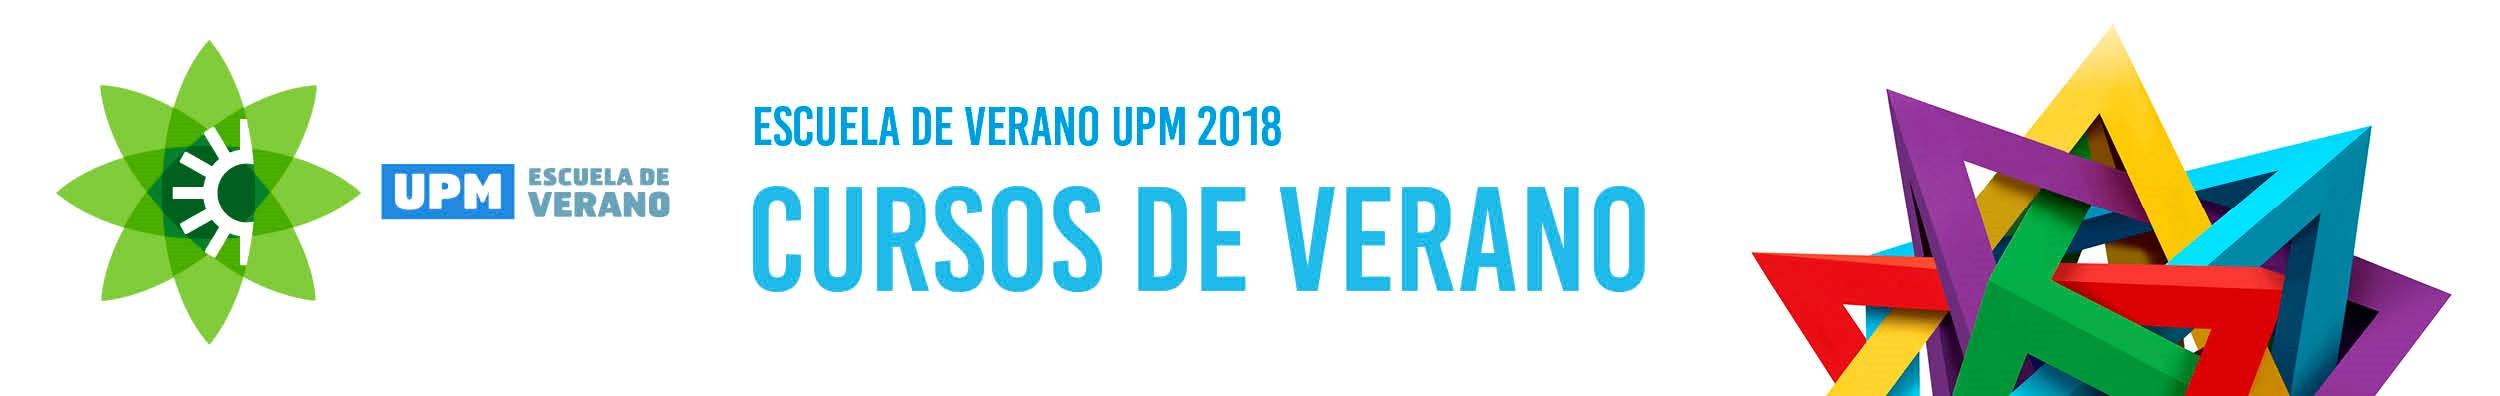 Escuela de Verano  UPM 2018